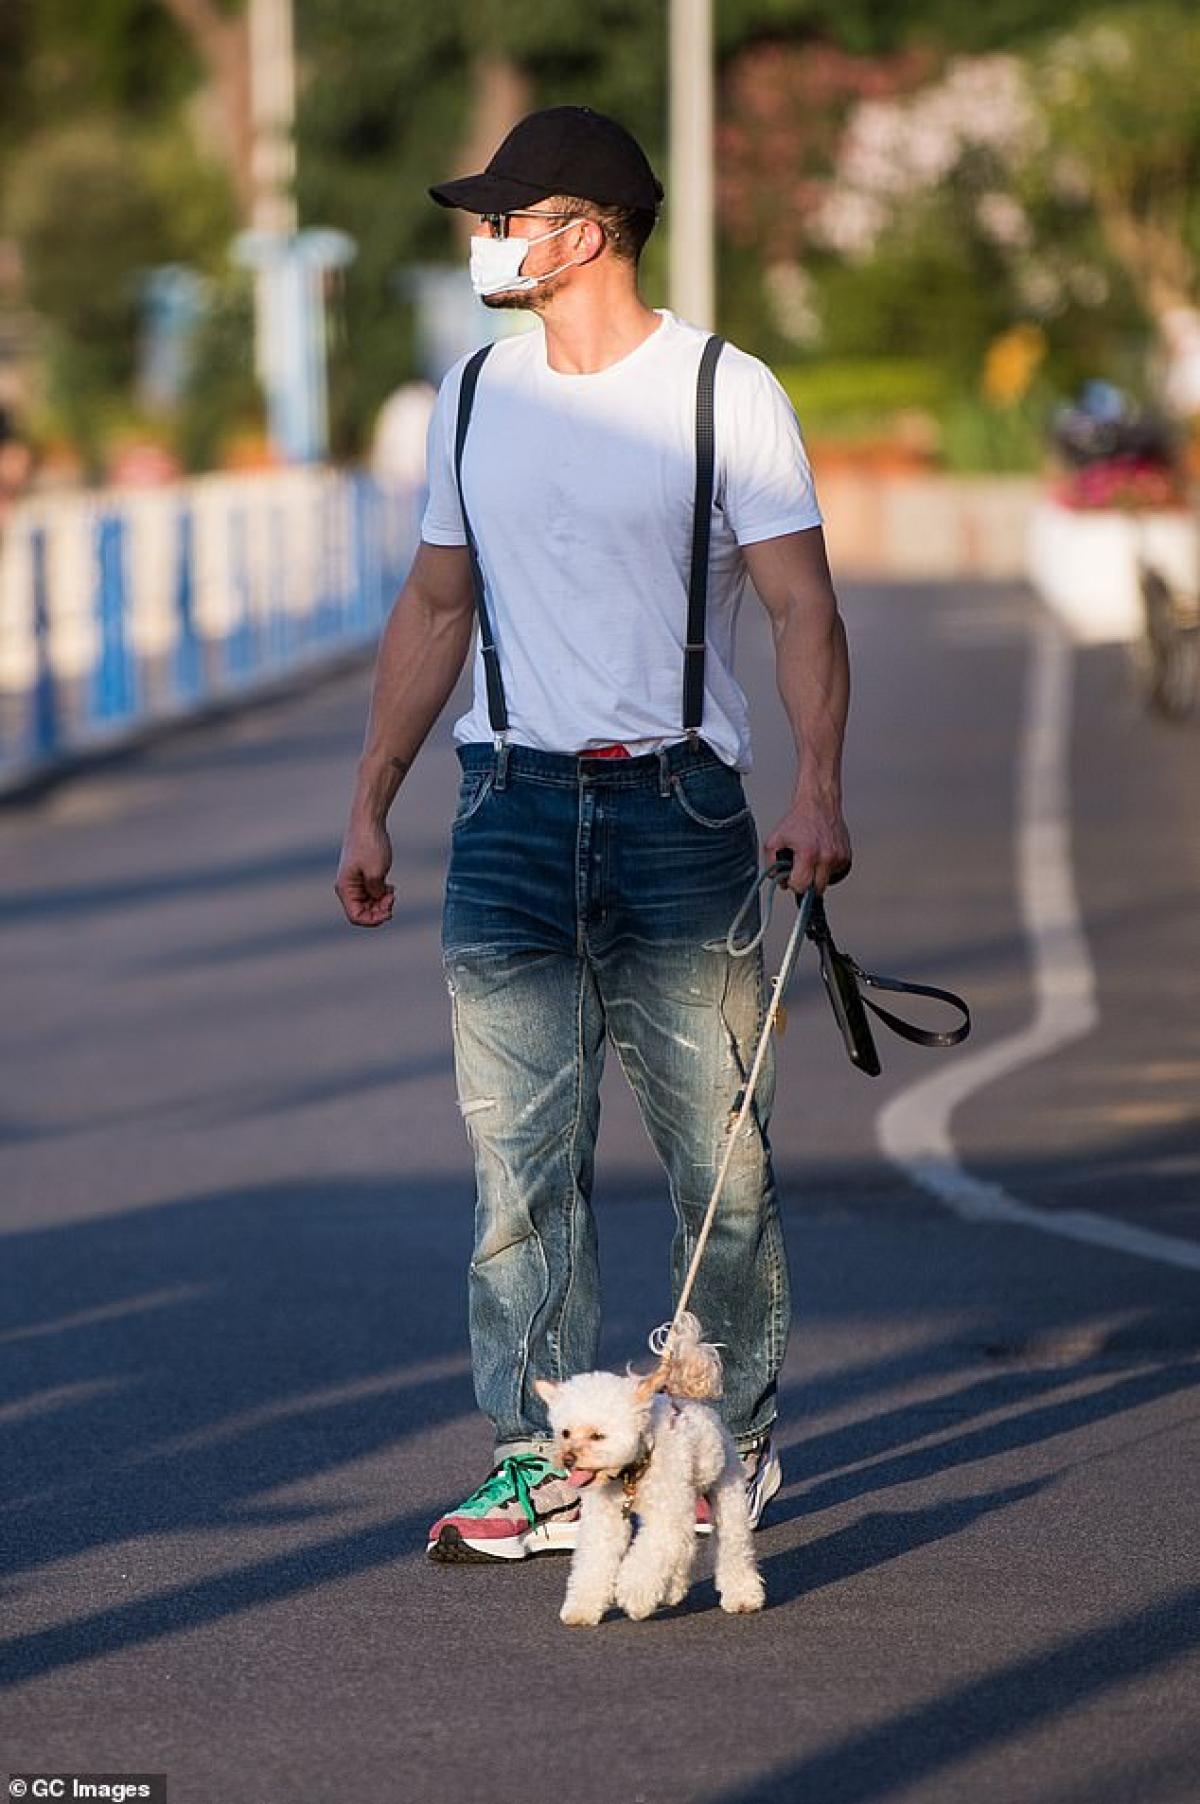 Nam diễn viên mặc áo phông, quần jeans trẻ trung, khỏe khoắn.